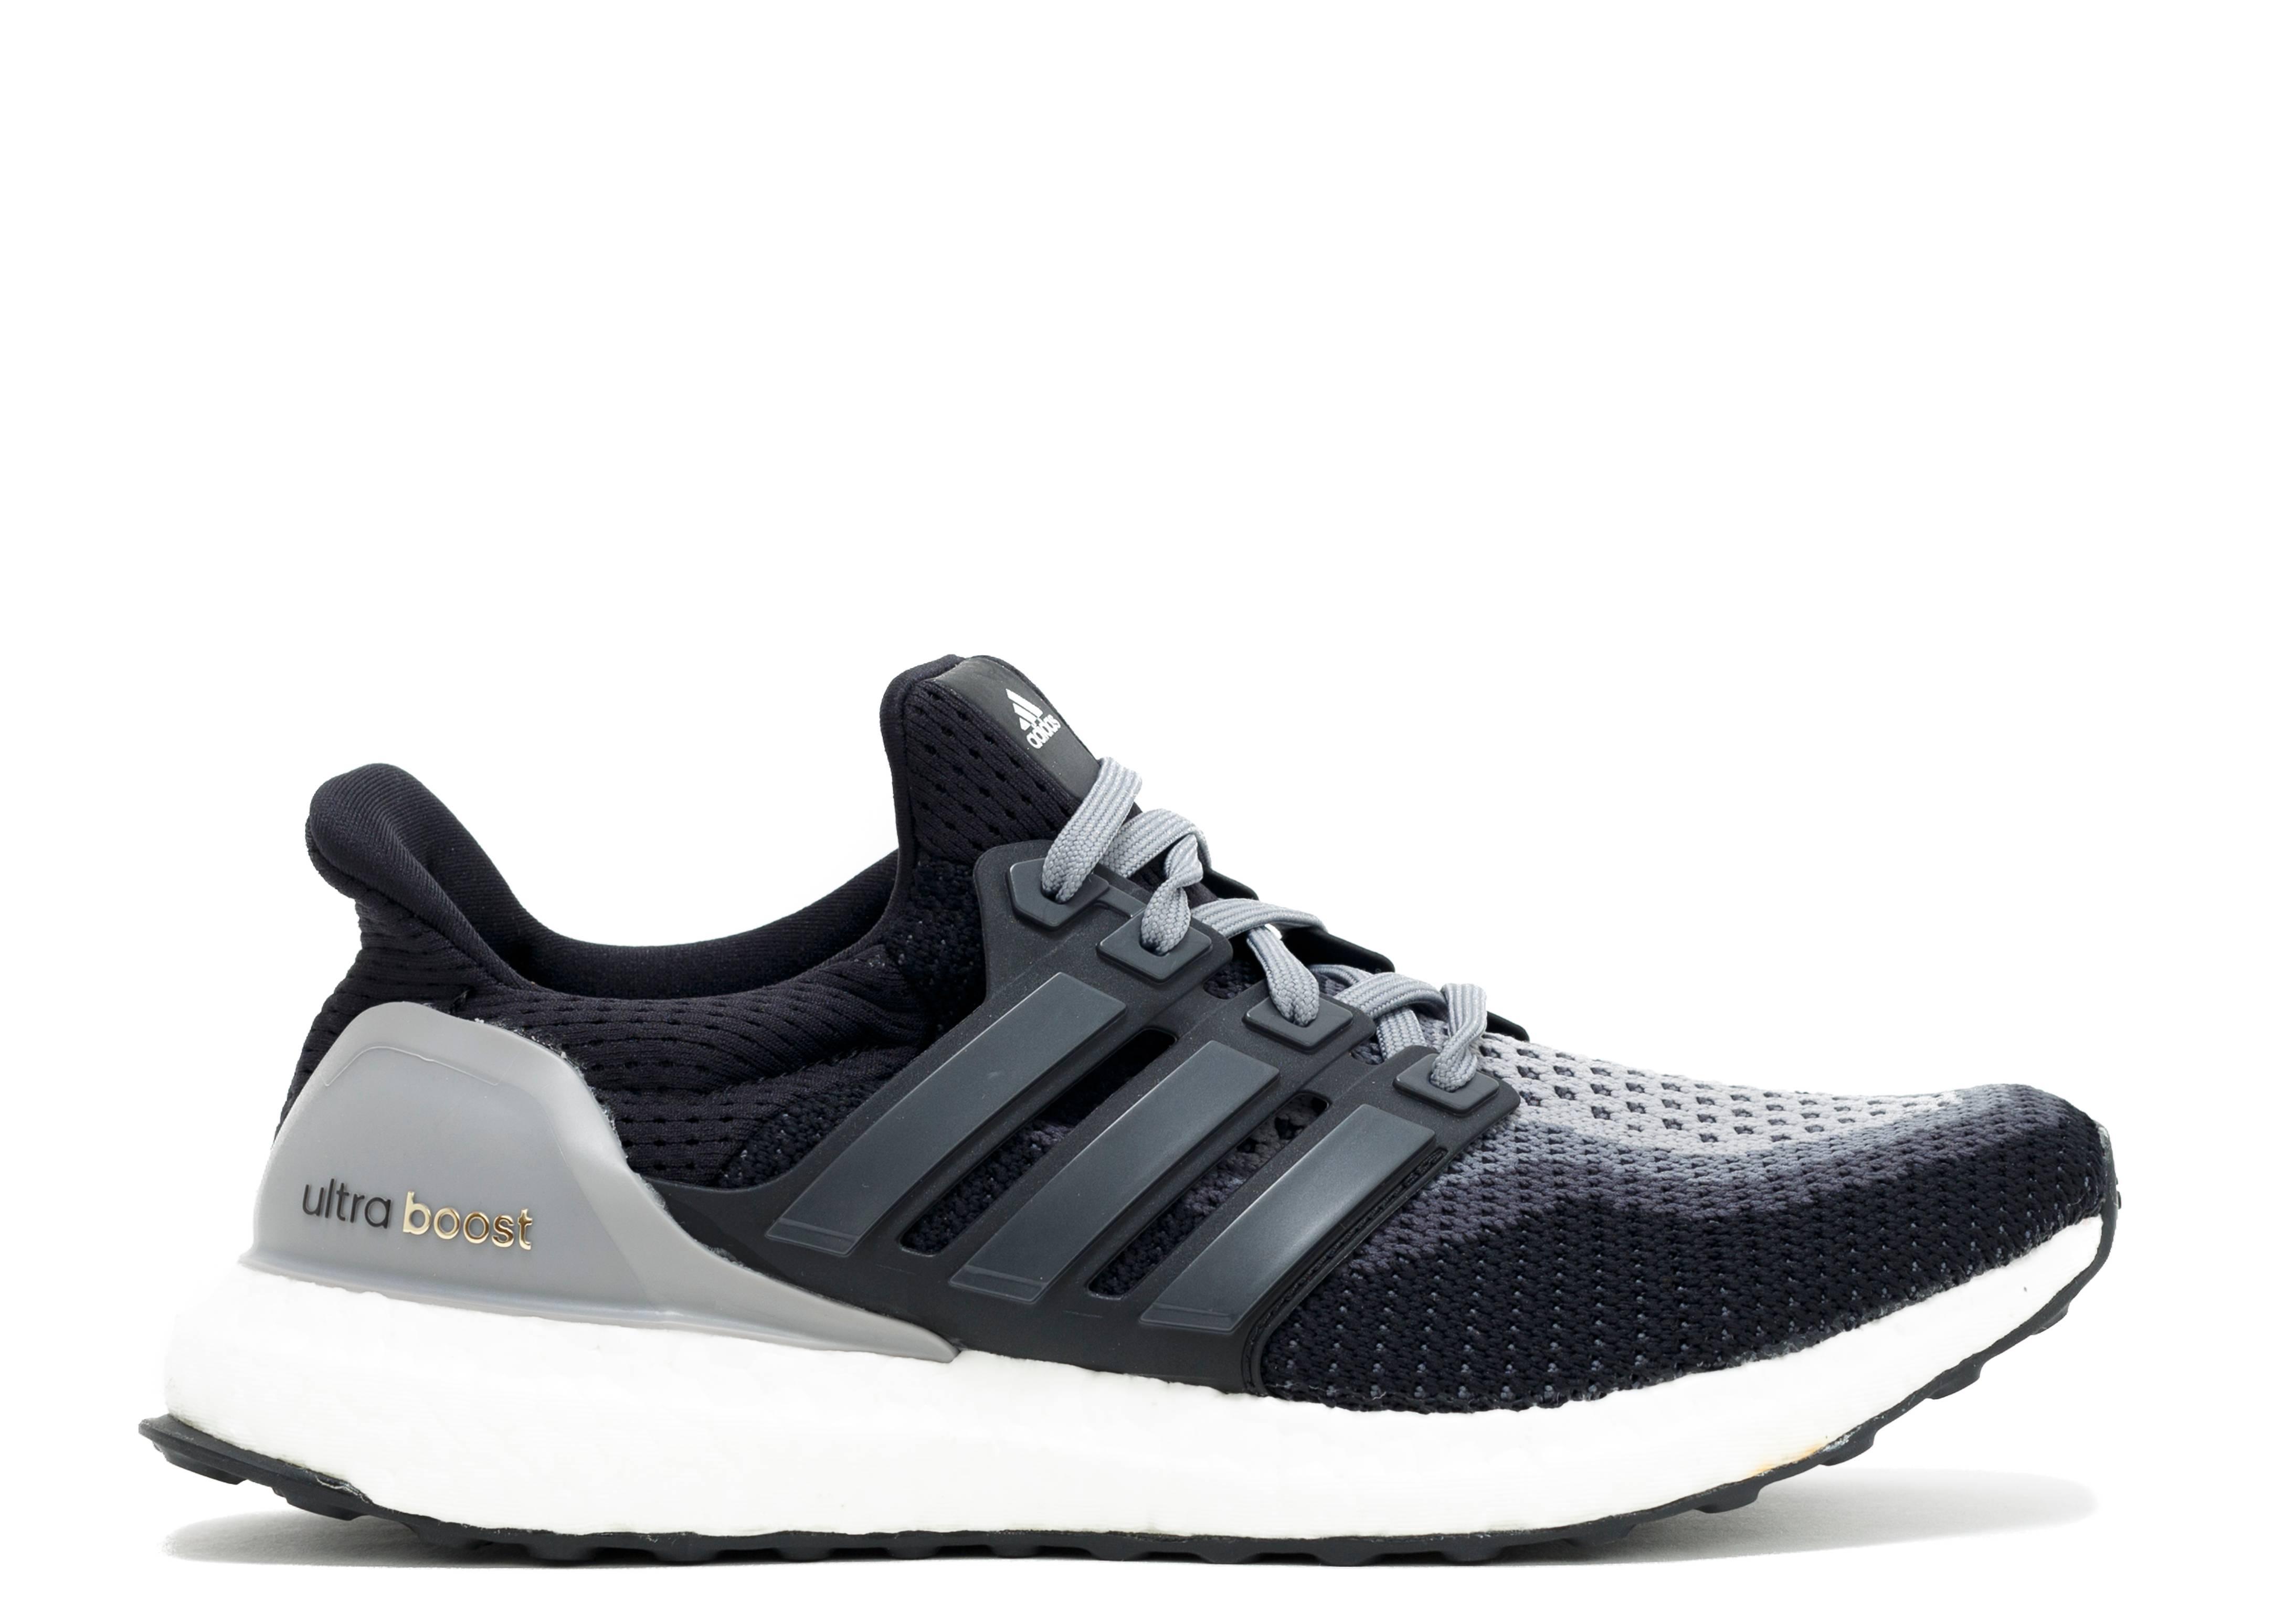 57c109dec76 Ultra Boost W - Adidas - af5141 - core black  black grey